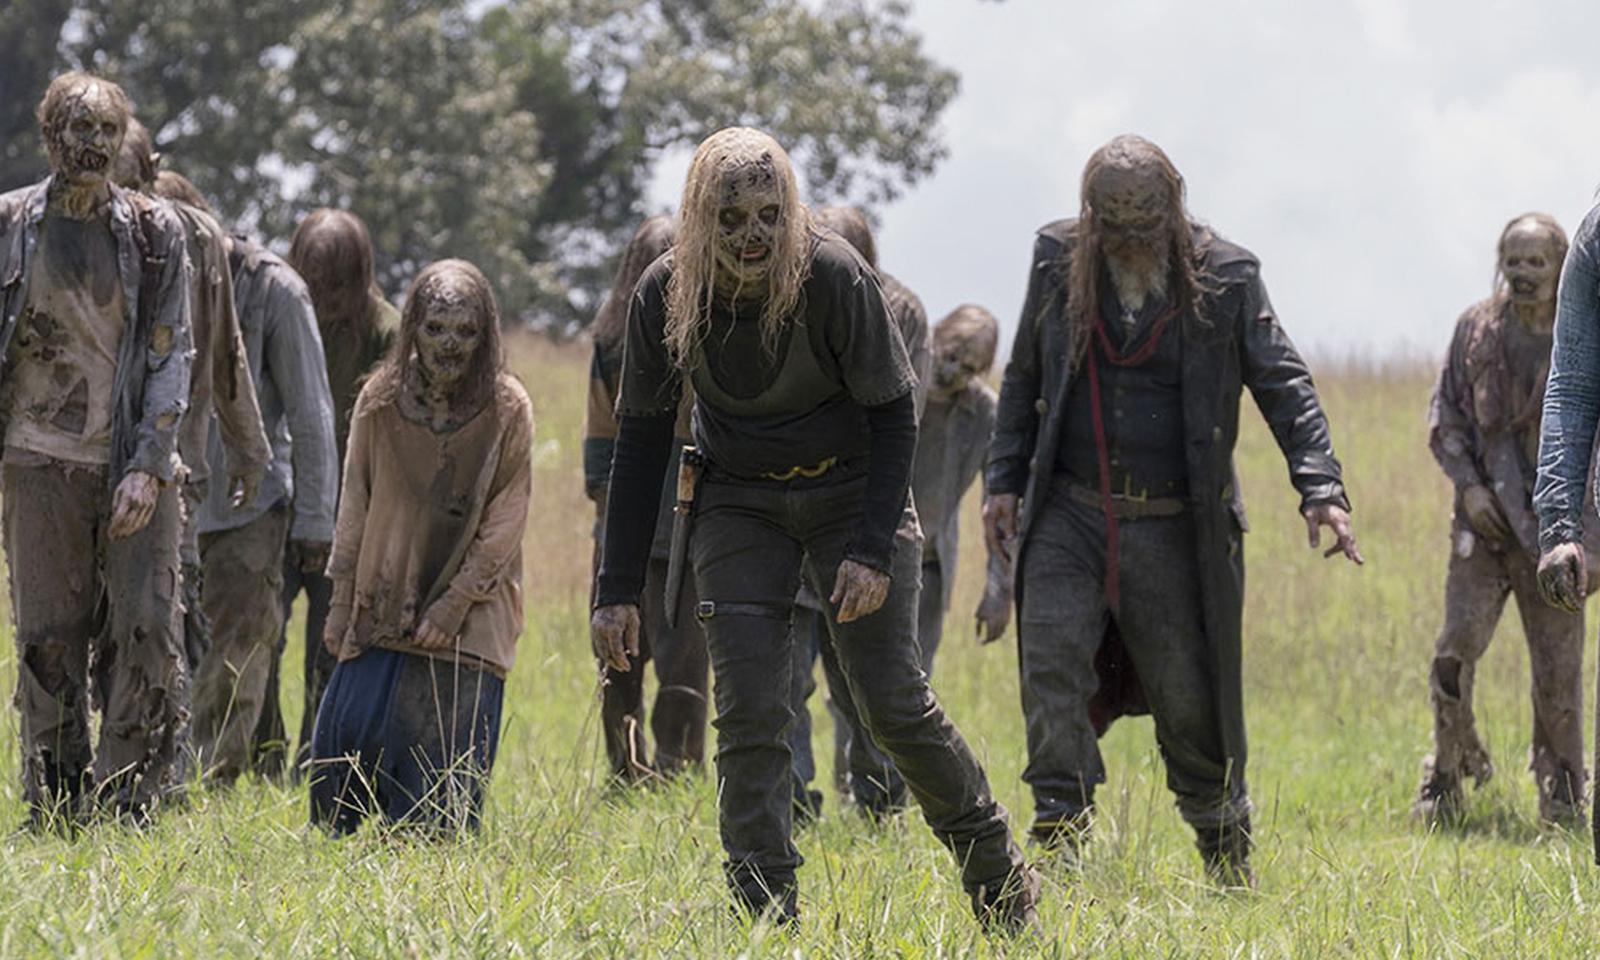 Alpha e Beta caminhando entre a horda de zumbis em cena da 10ª temporada de The Walking Dead